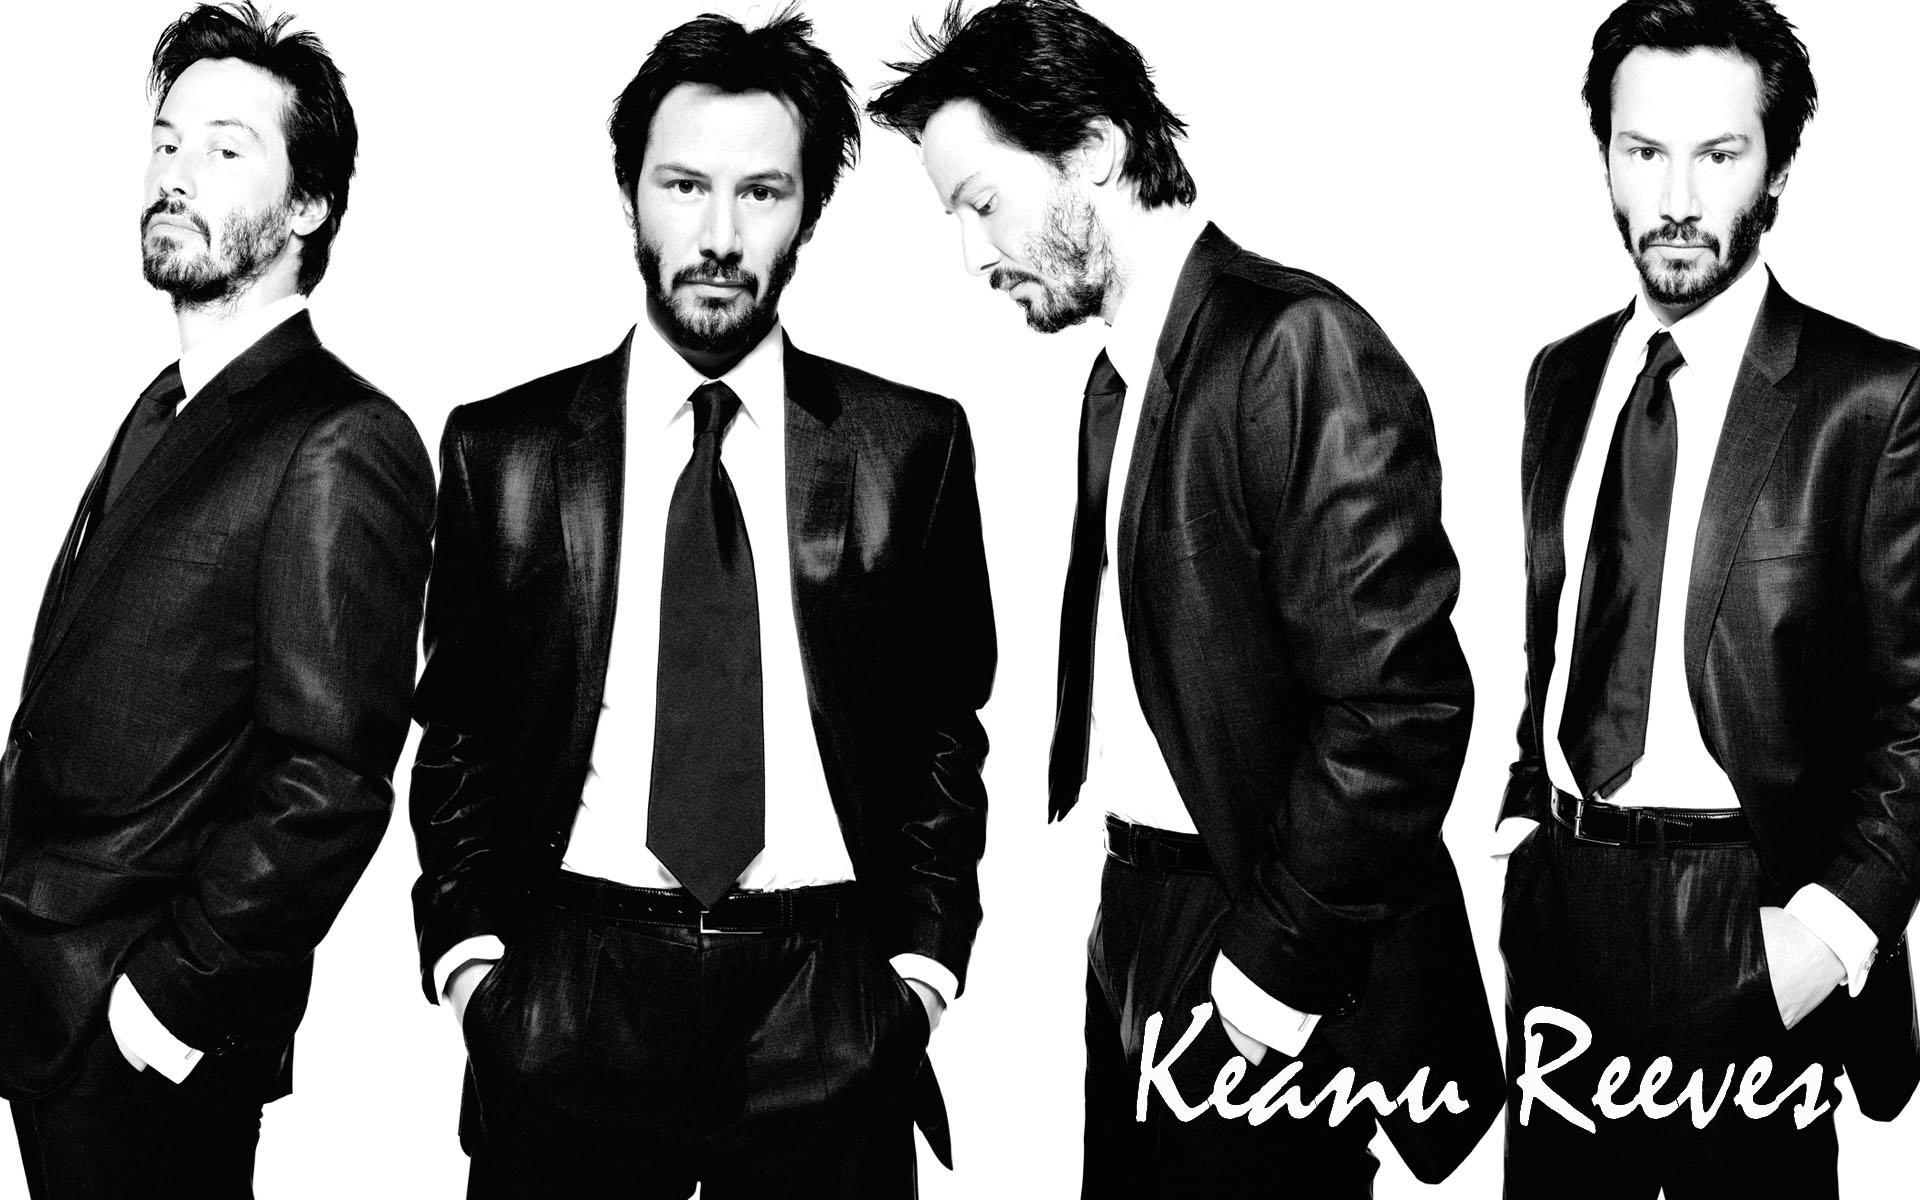 Keanu Reeves John Wick Chapter 2 Qu Keanu Reeves 1424174 Hd